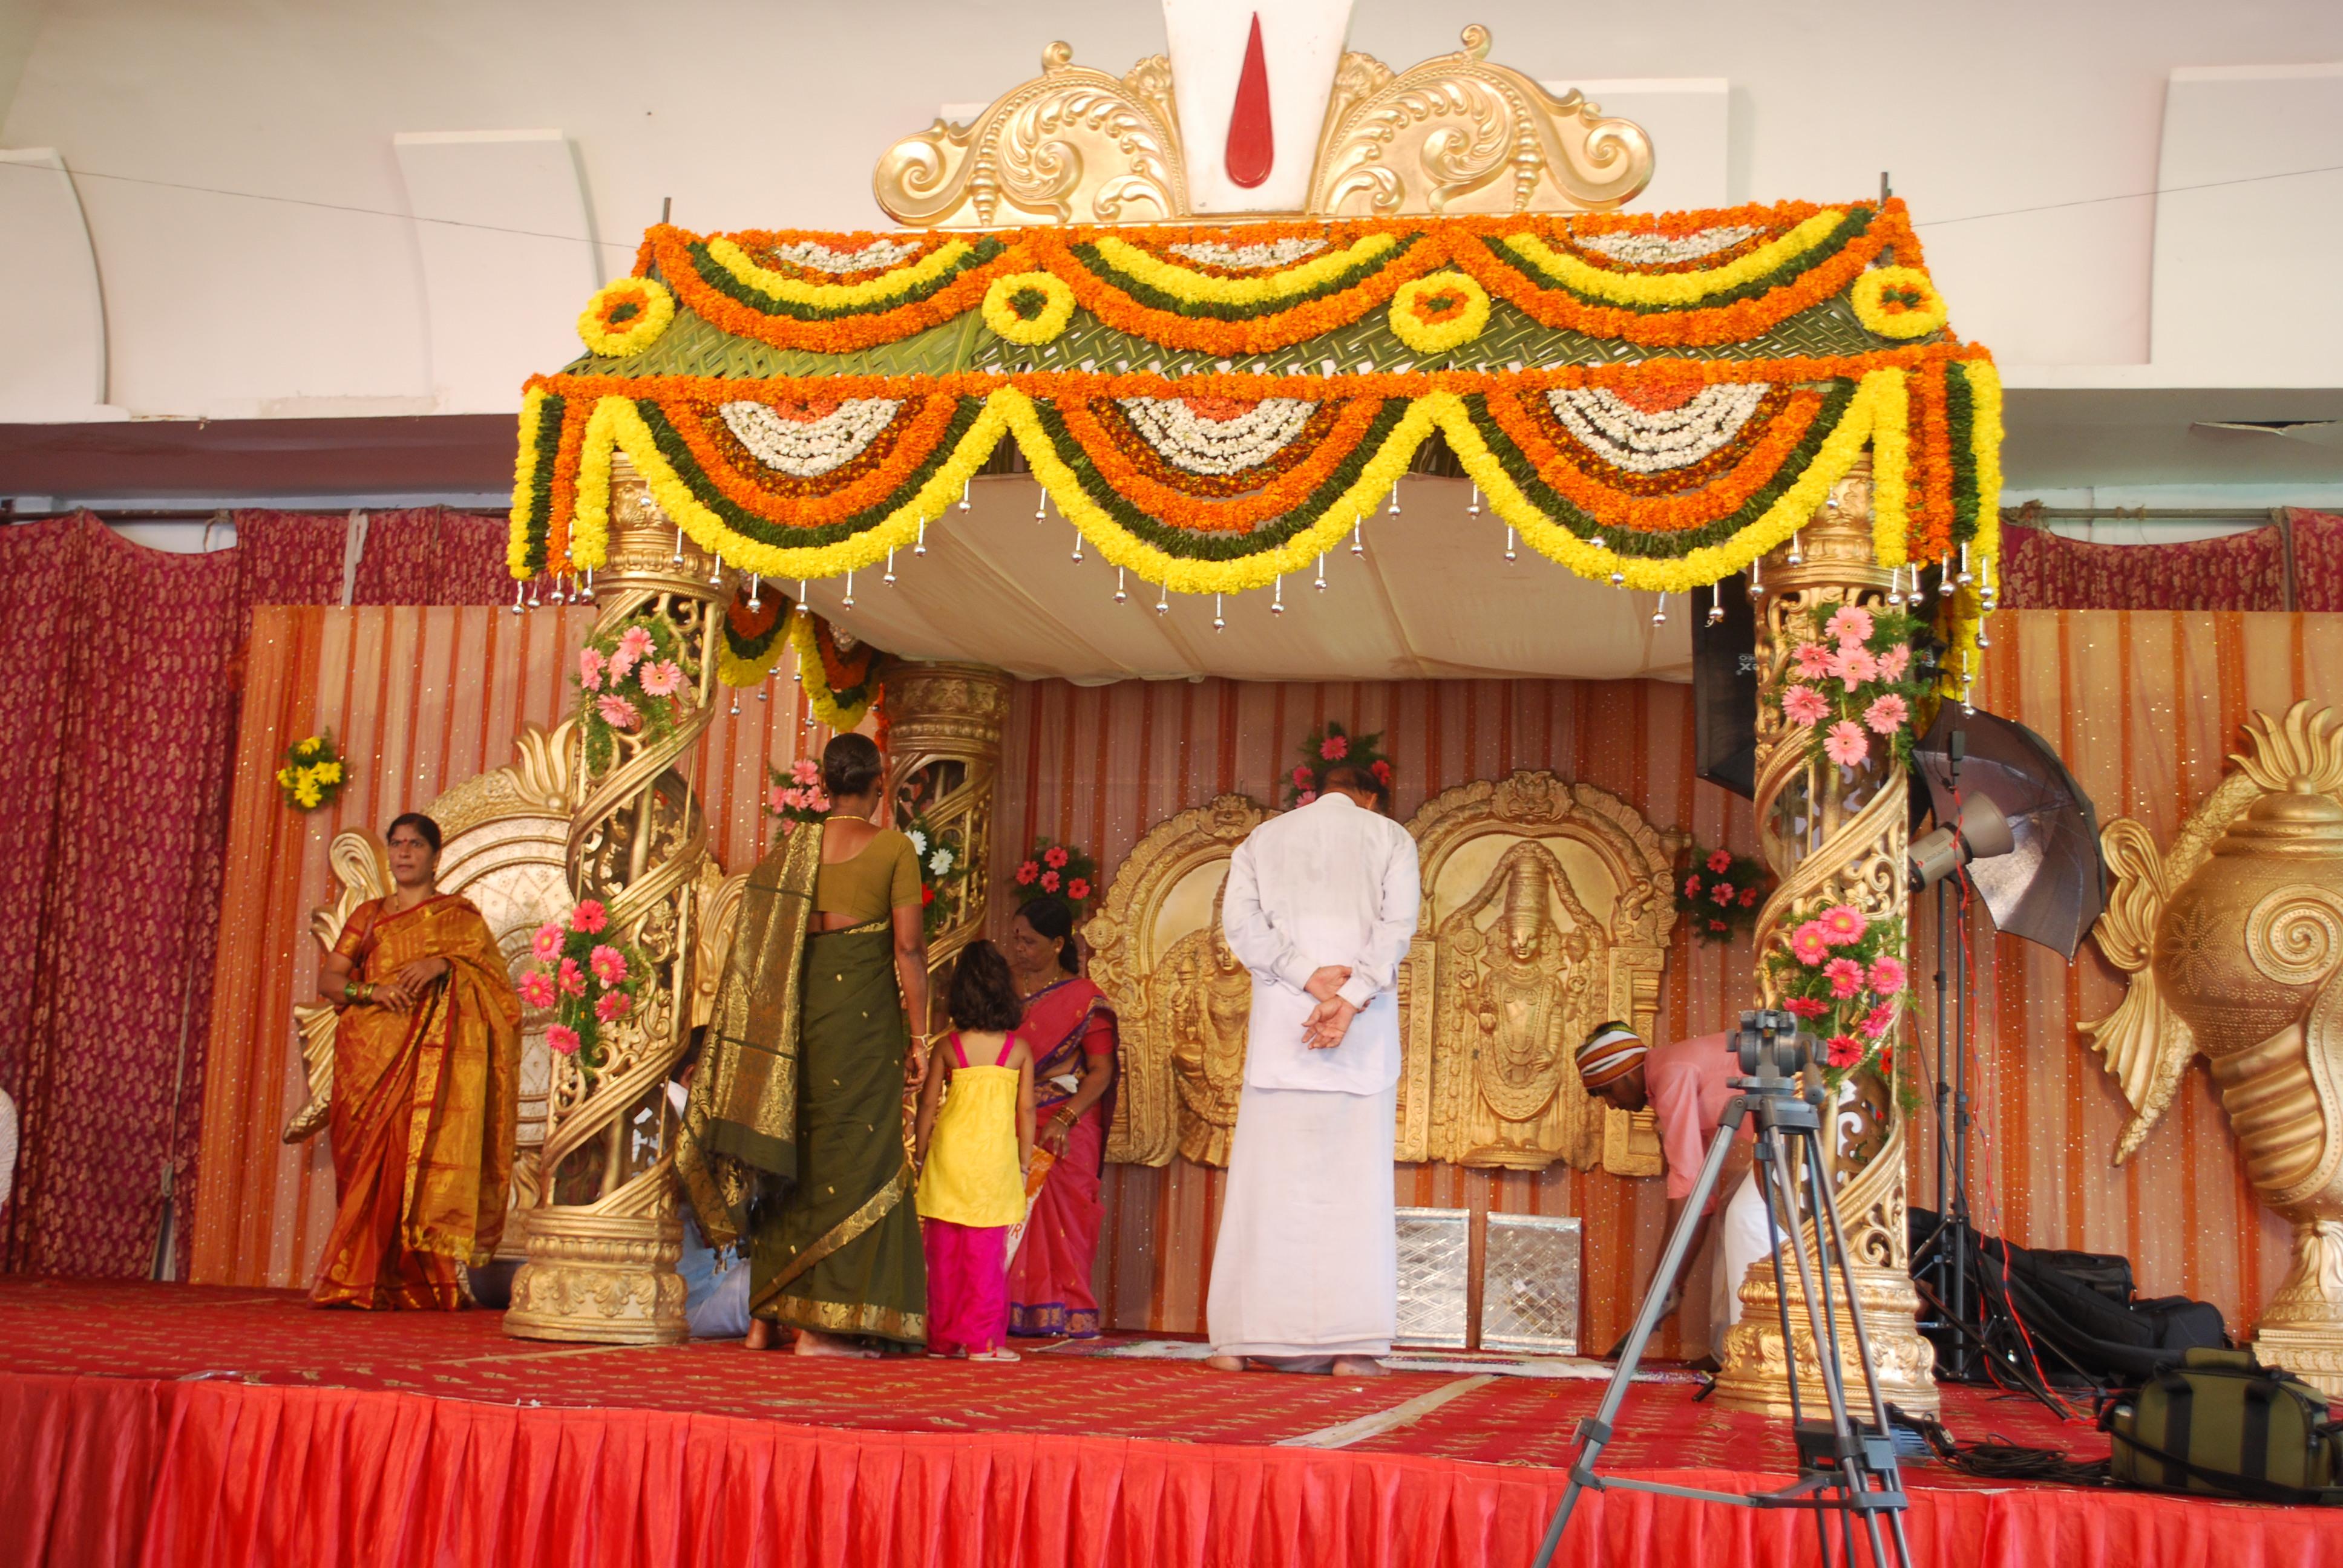 Hindu wedding mandap decorations image collections wedding wedding decoration with coconut leaves image collections wedding elegant hindu wedding stage decoration photos wedding wedding junglespirit Images